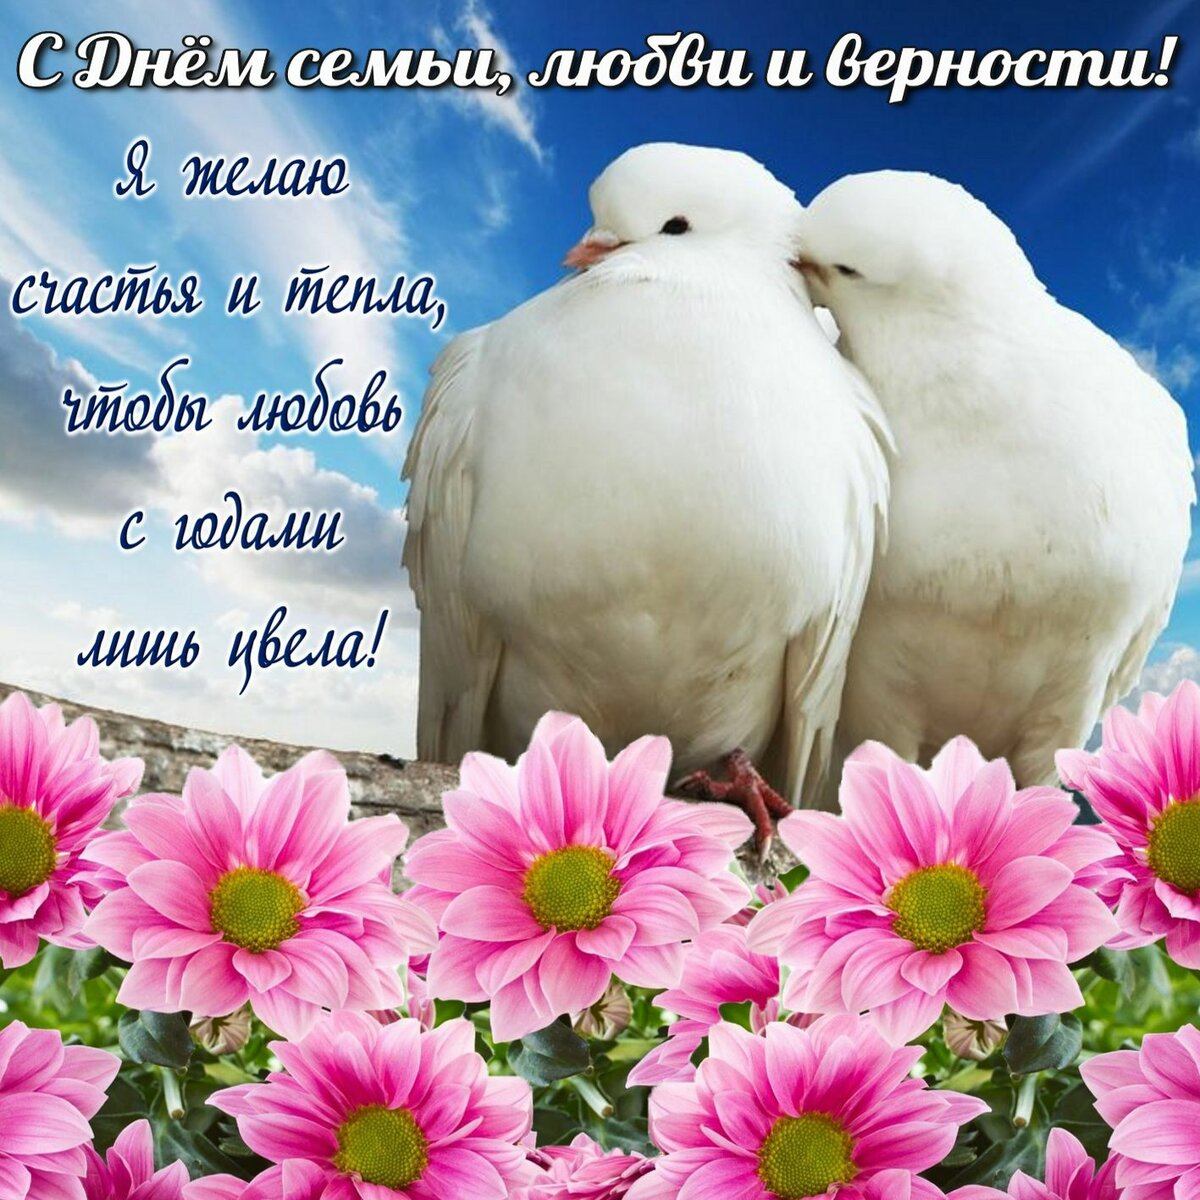 Живая открытка с днем семьи любви и верности